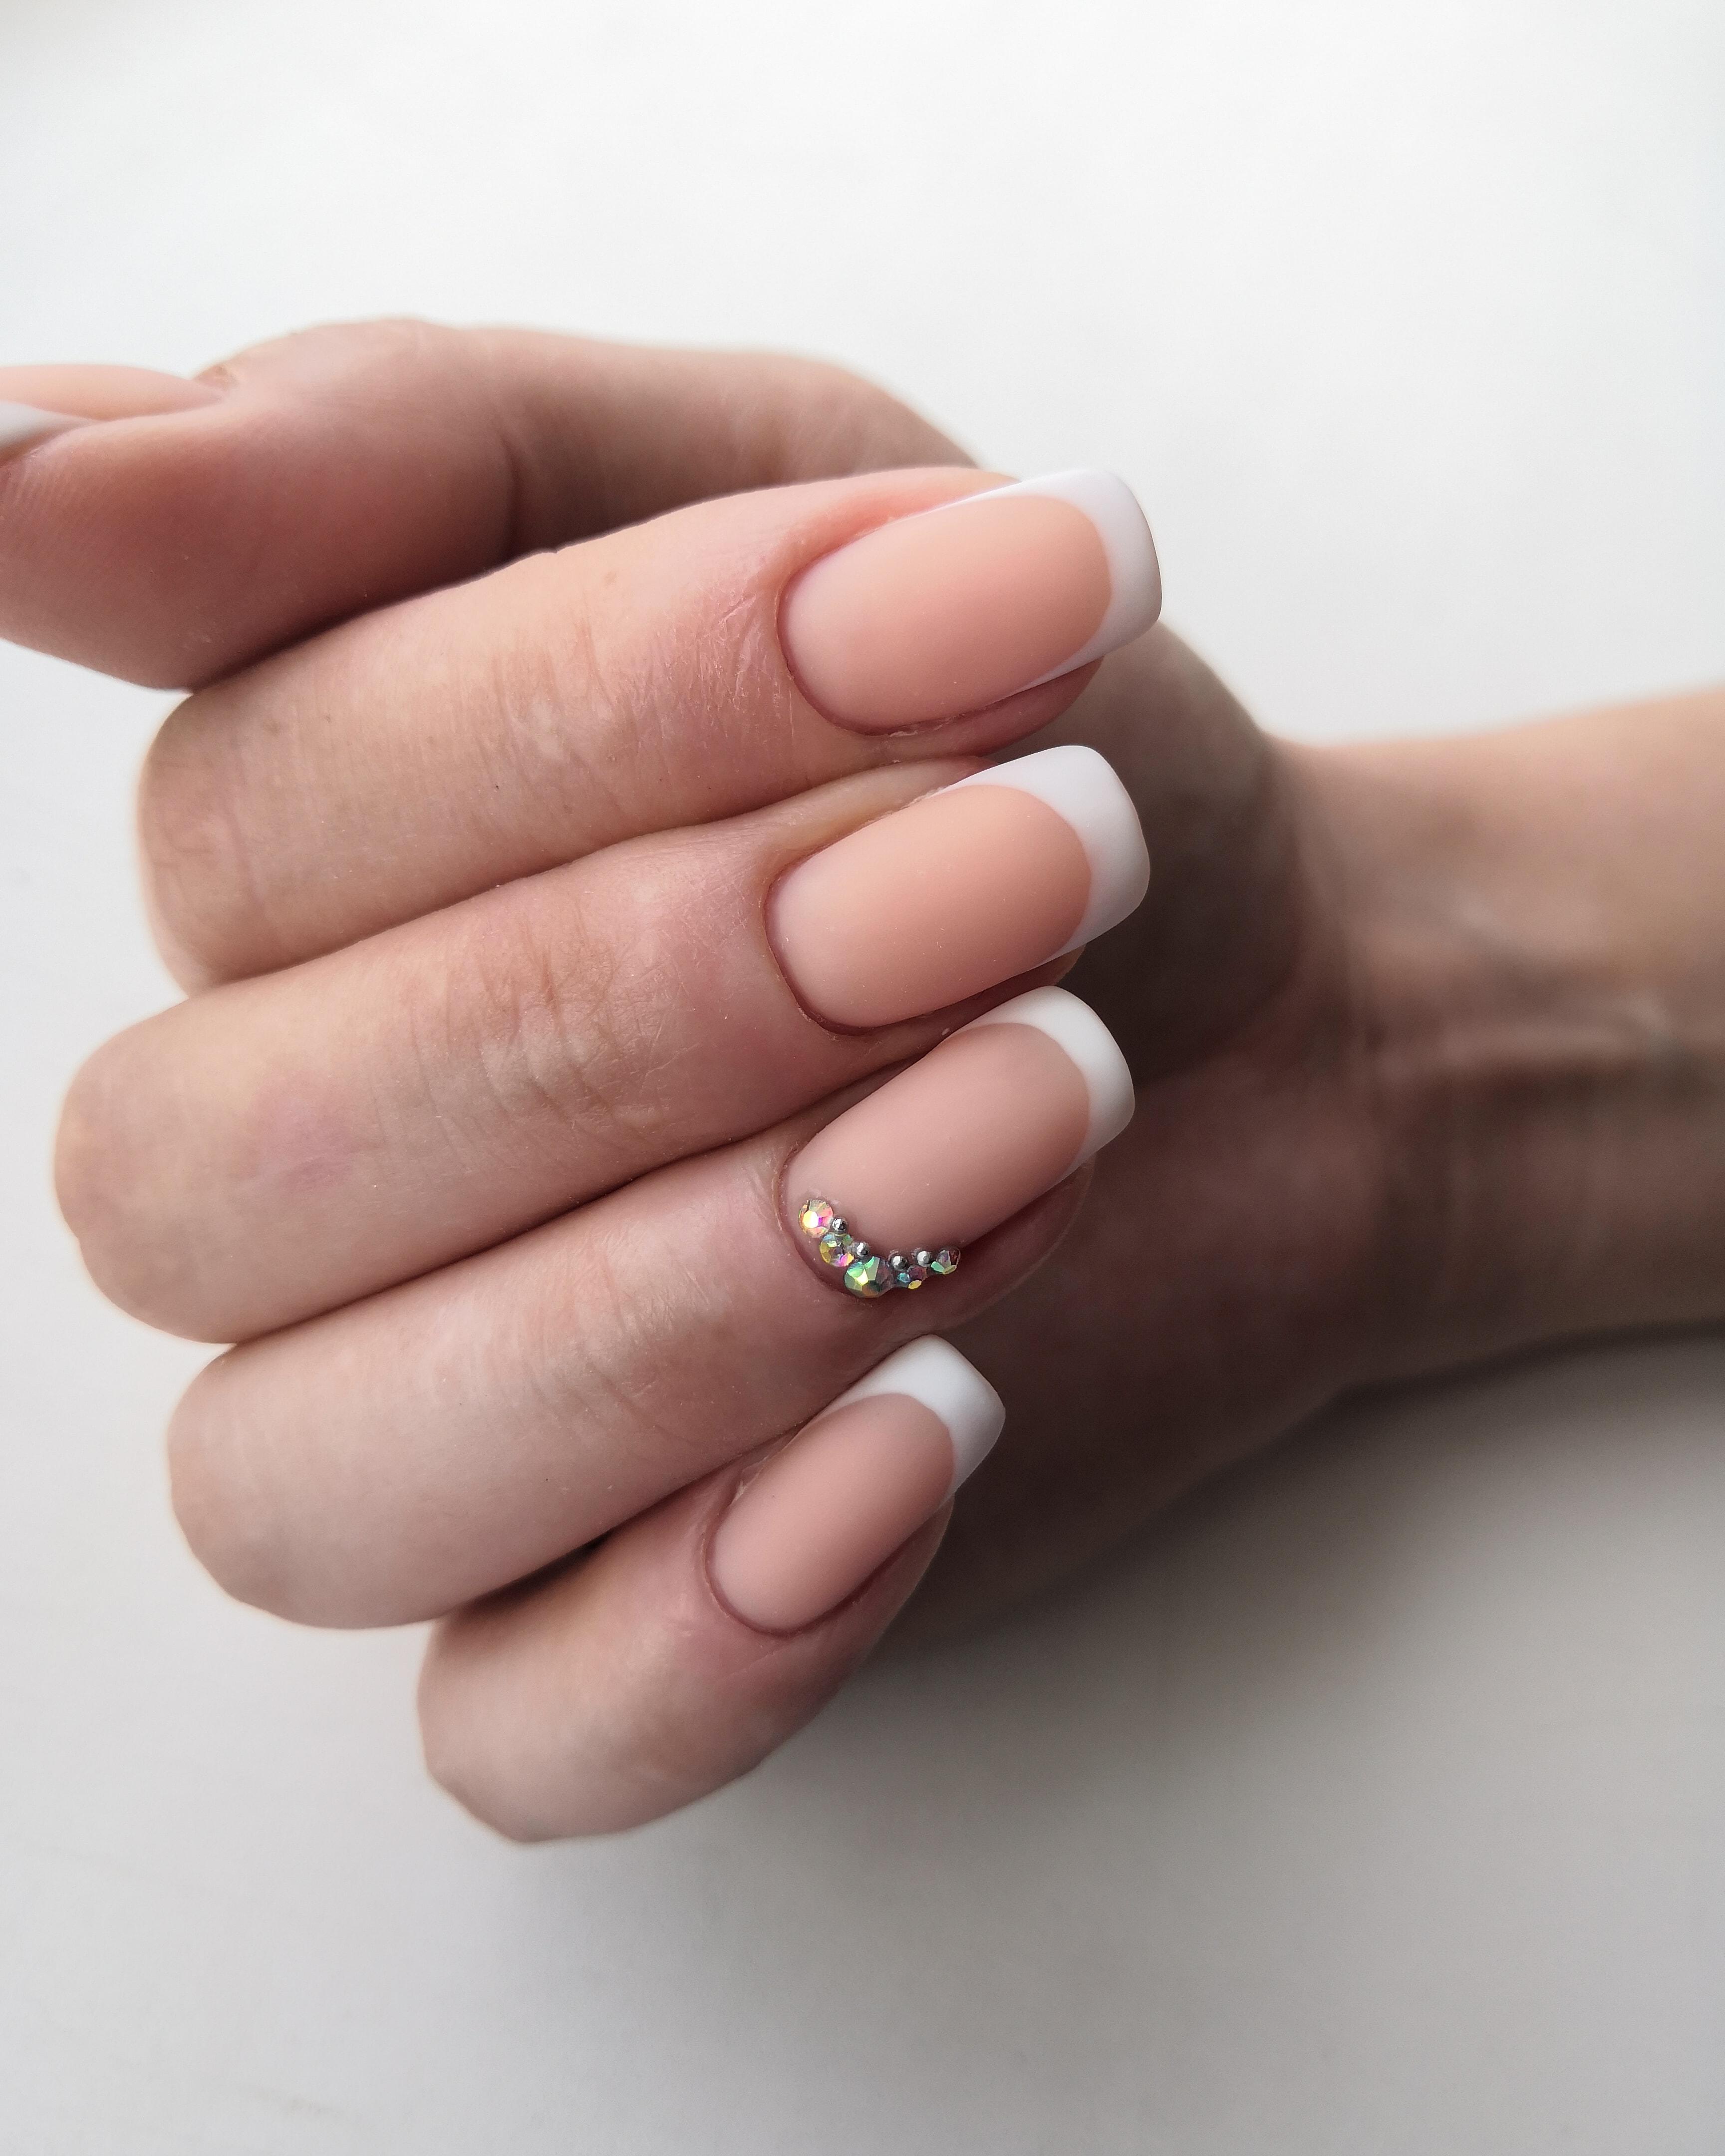 Матовый френч со стразами на длинные ногти.